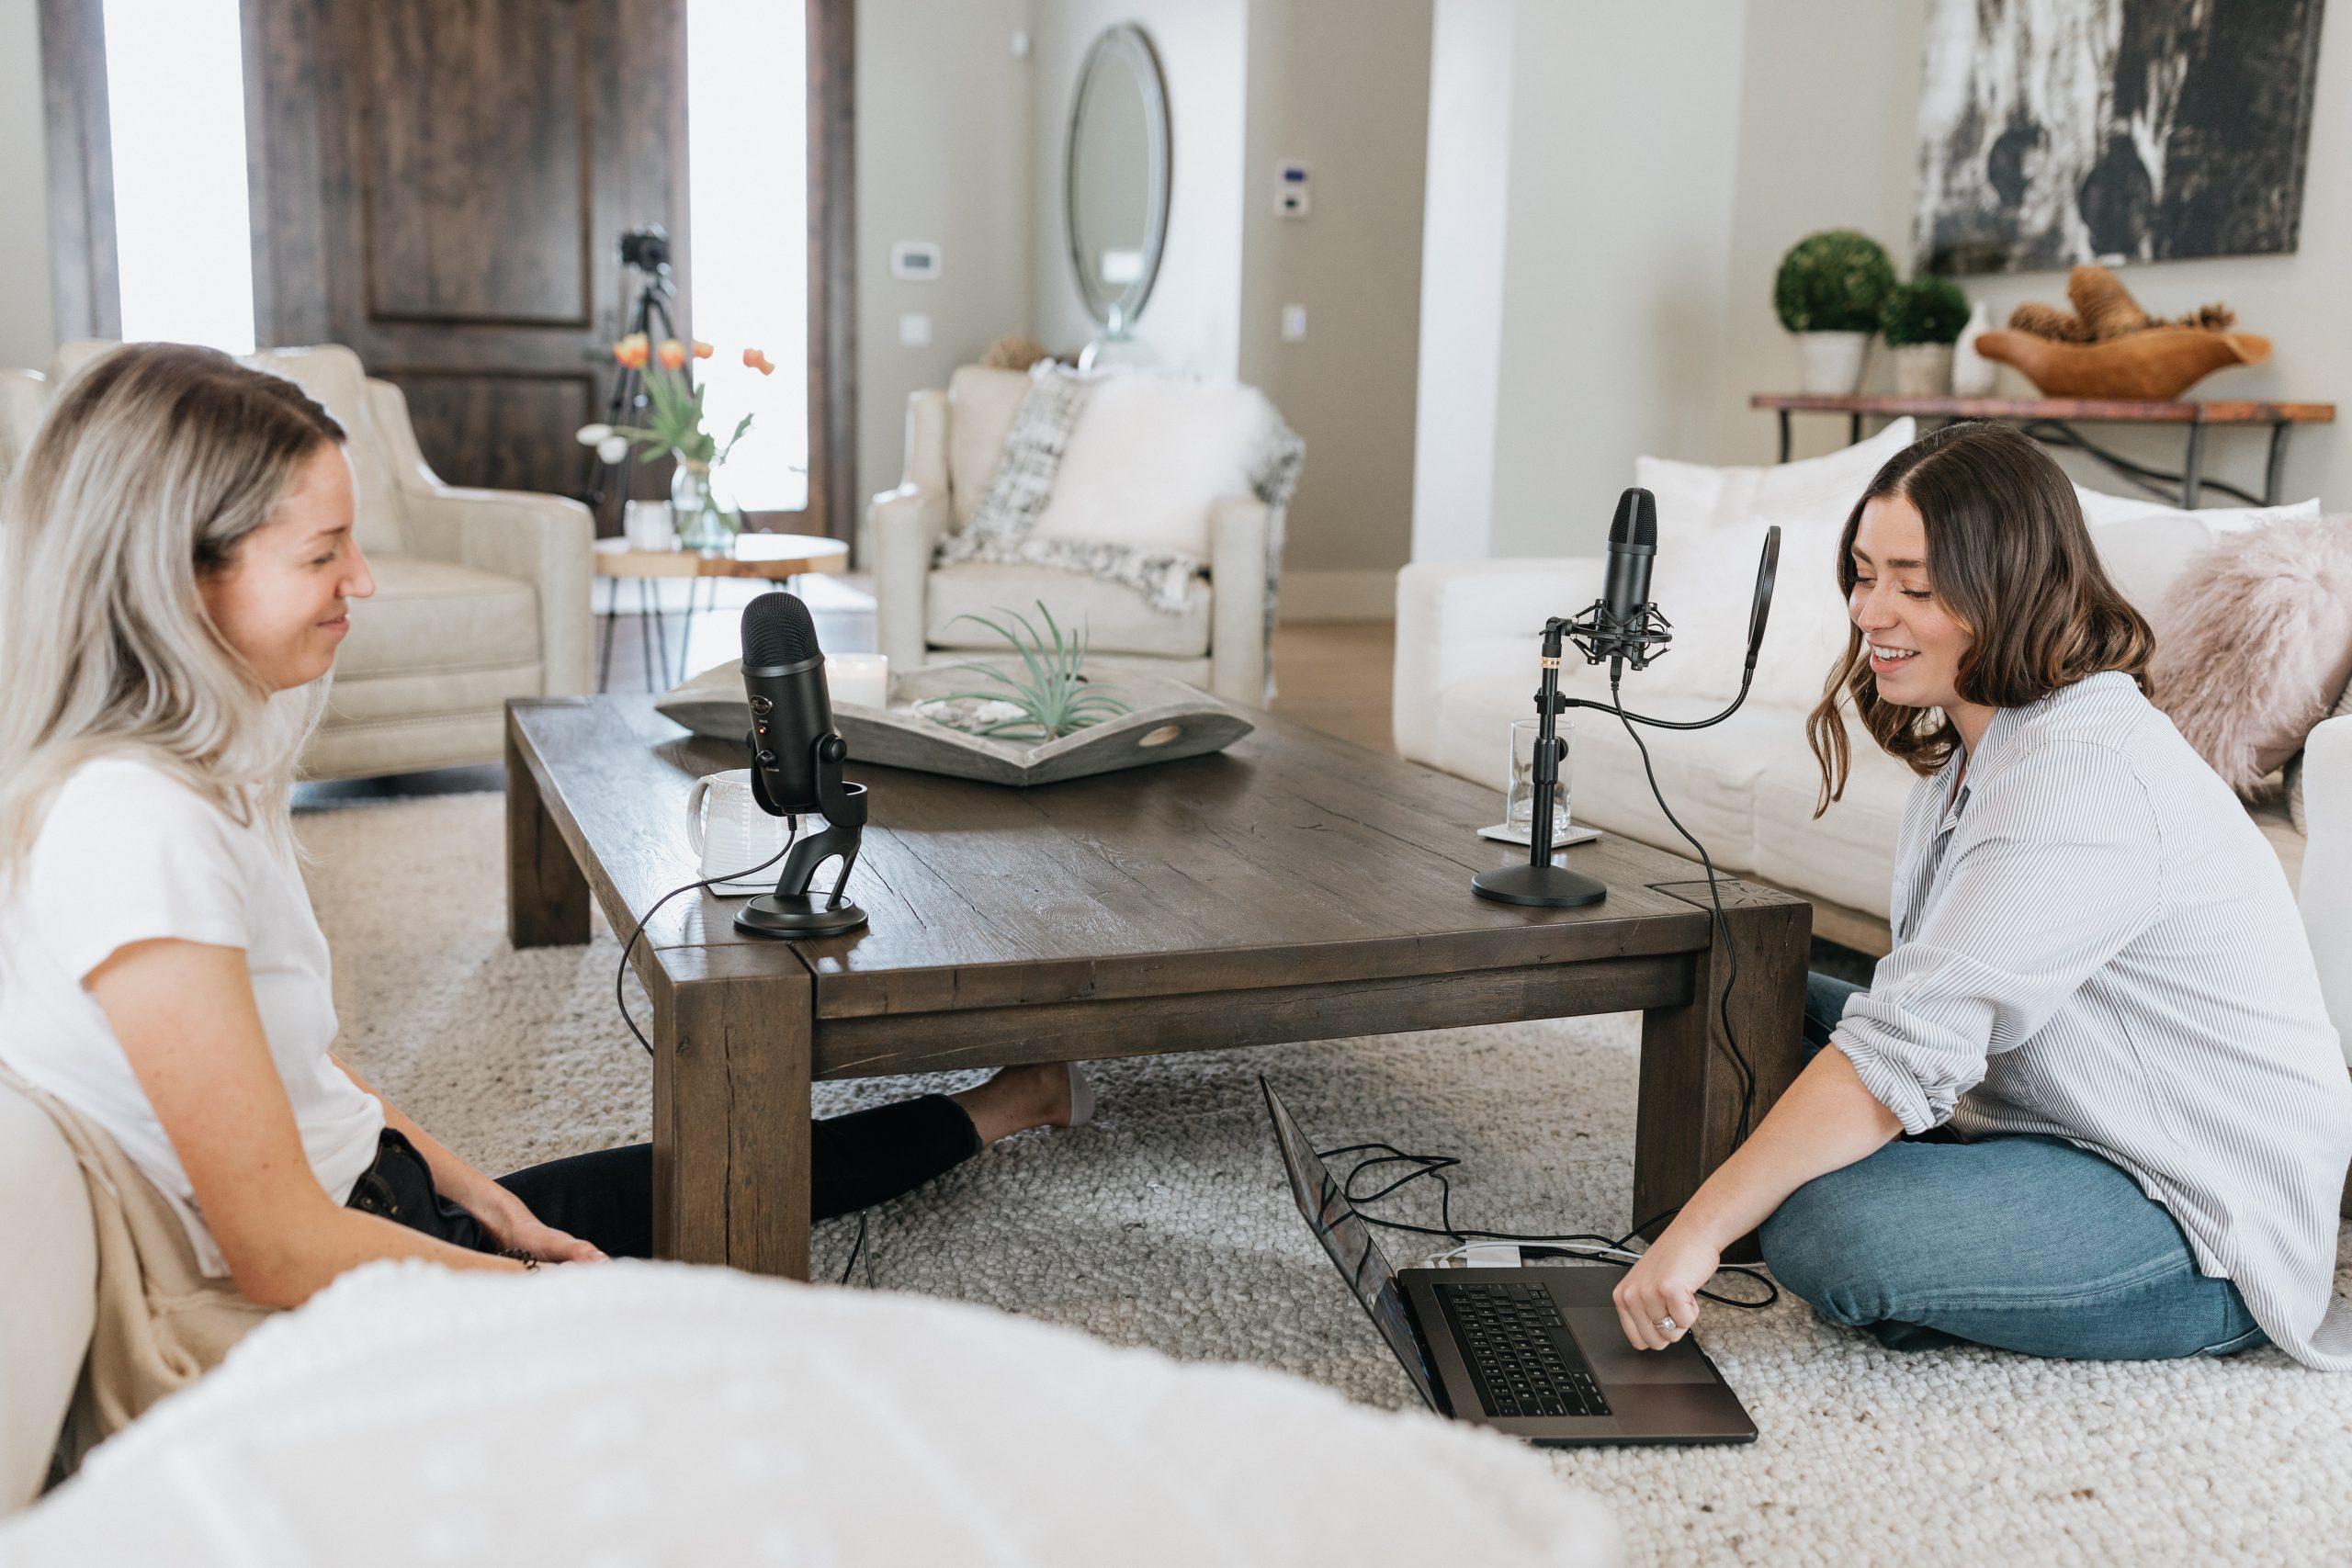 Două femei care înregistrează un podcast, așezate la o masă